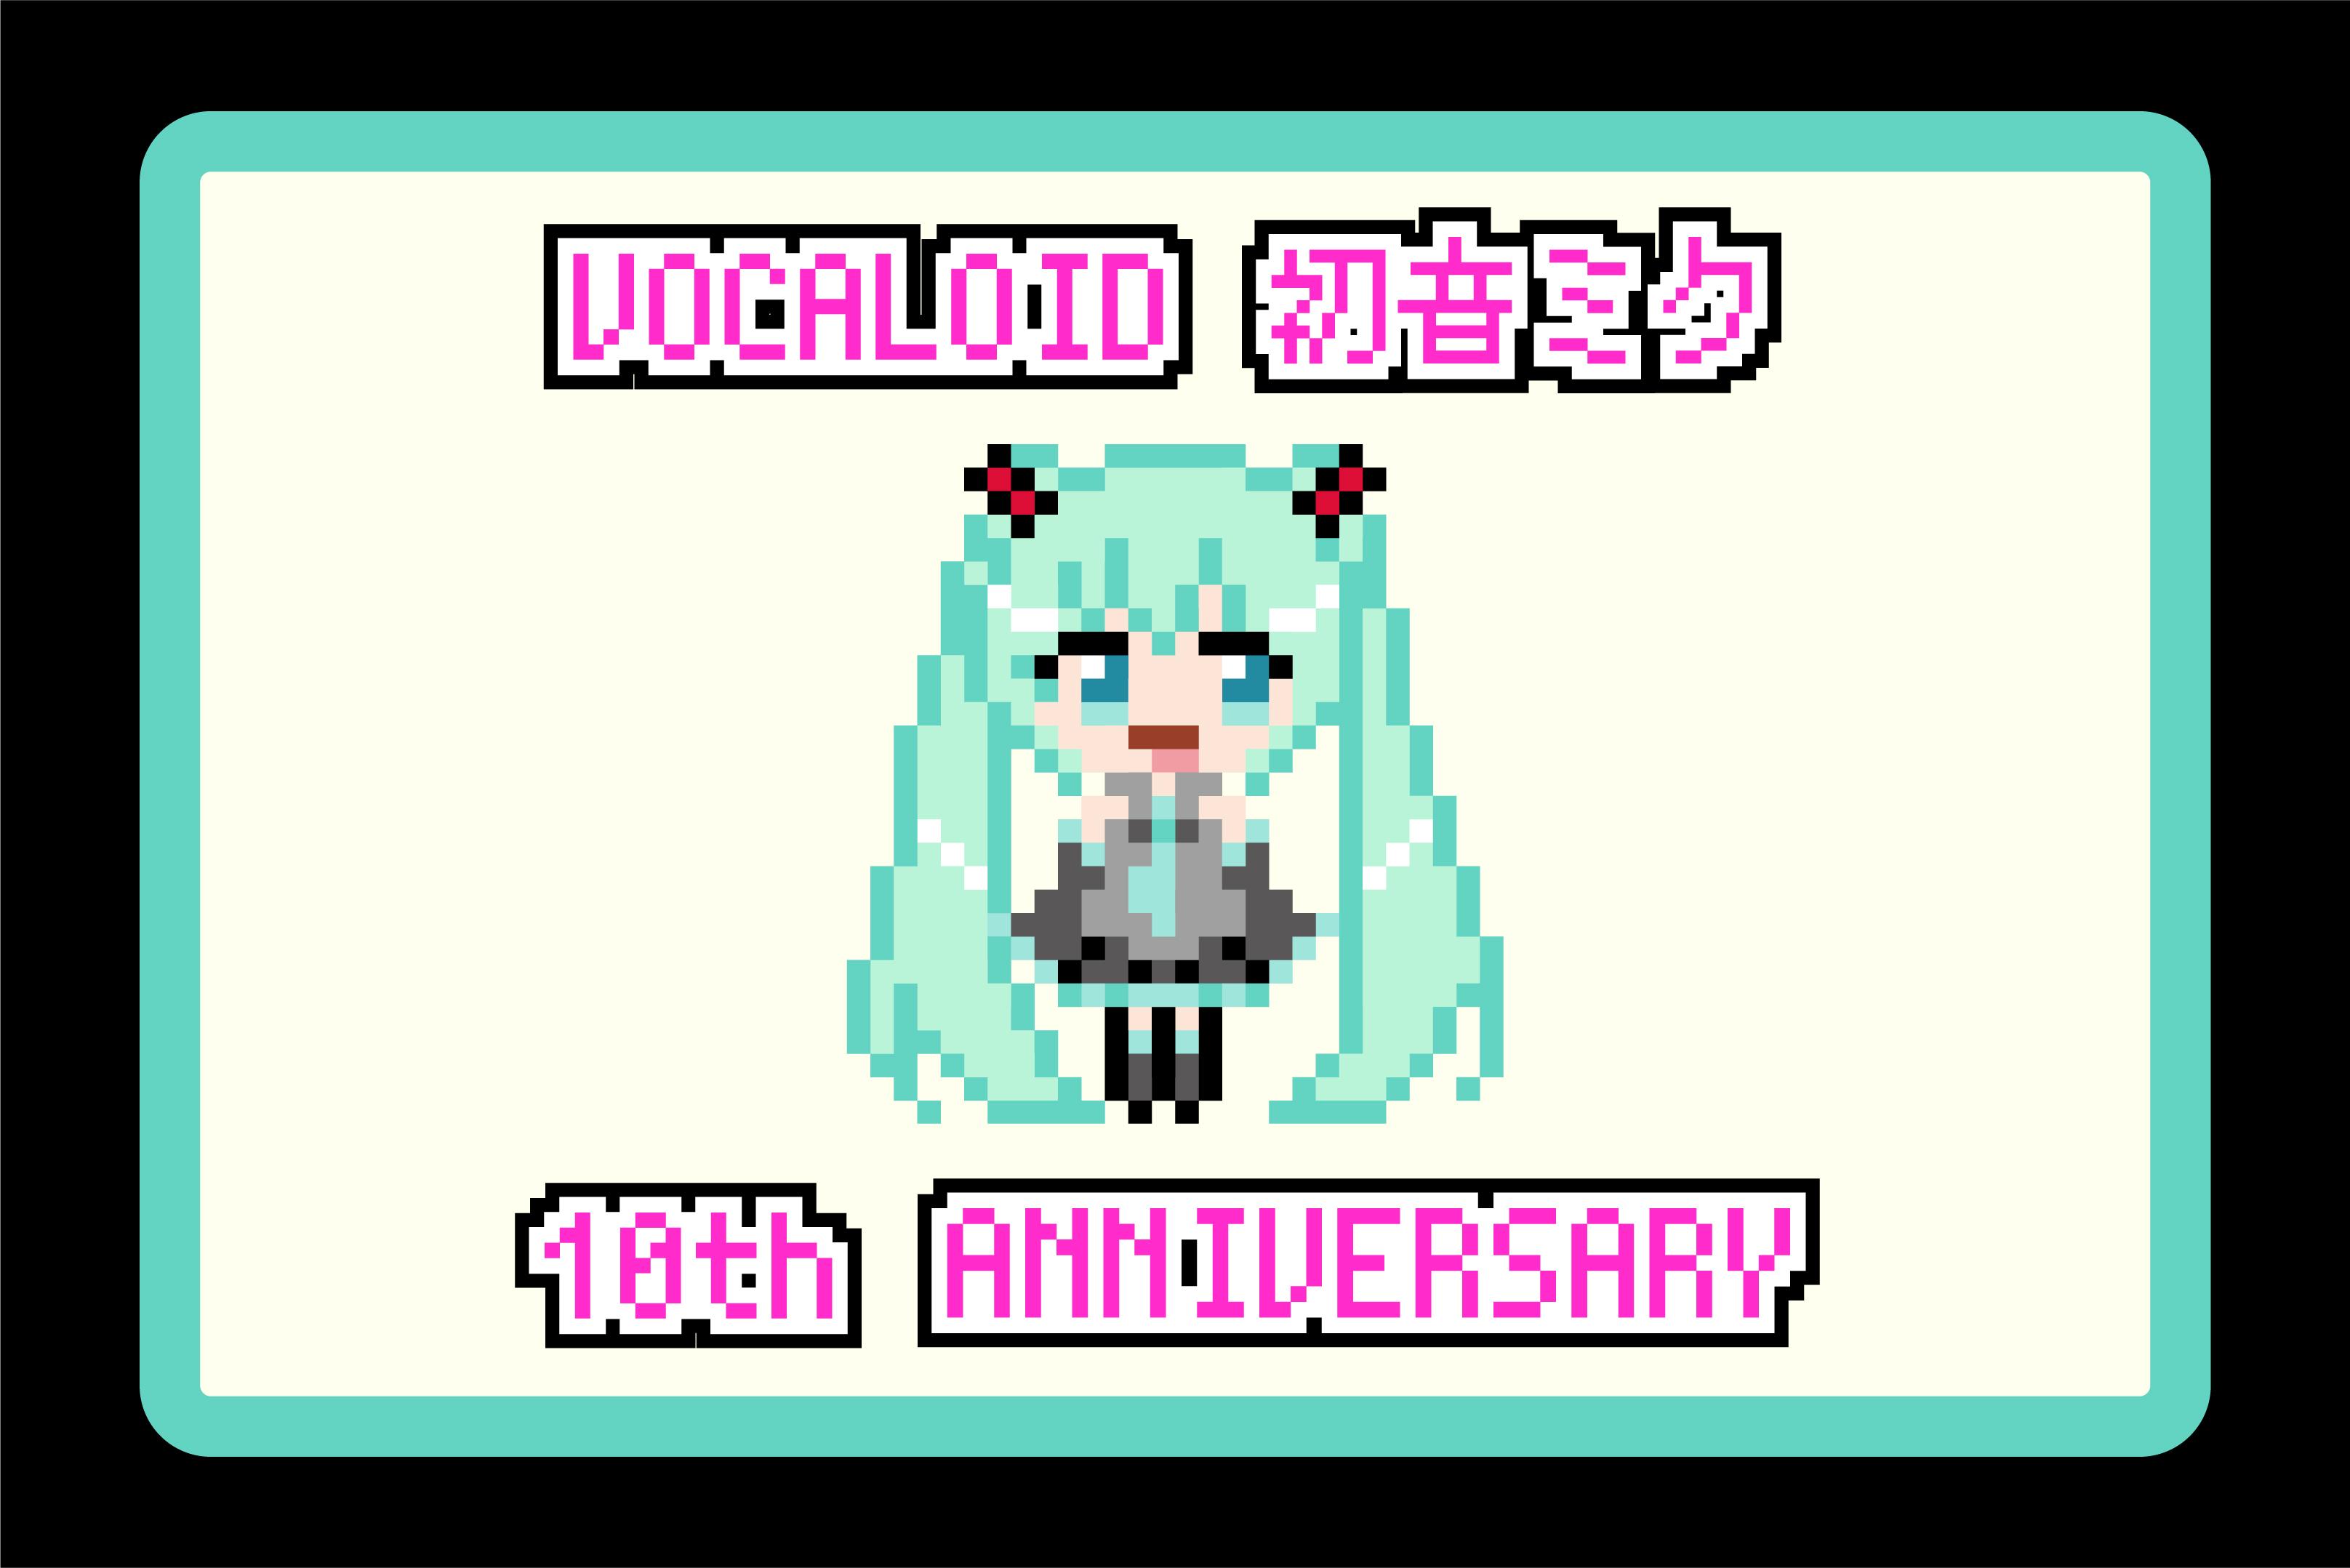 【10thおめでとう】初音ミクのアイロンビーズ図案【VOCALOID】